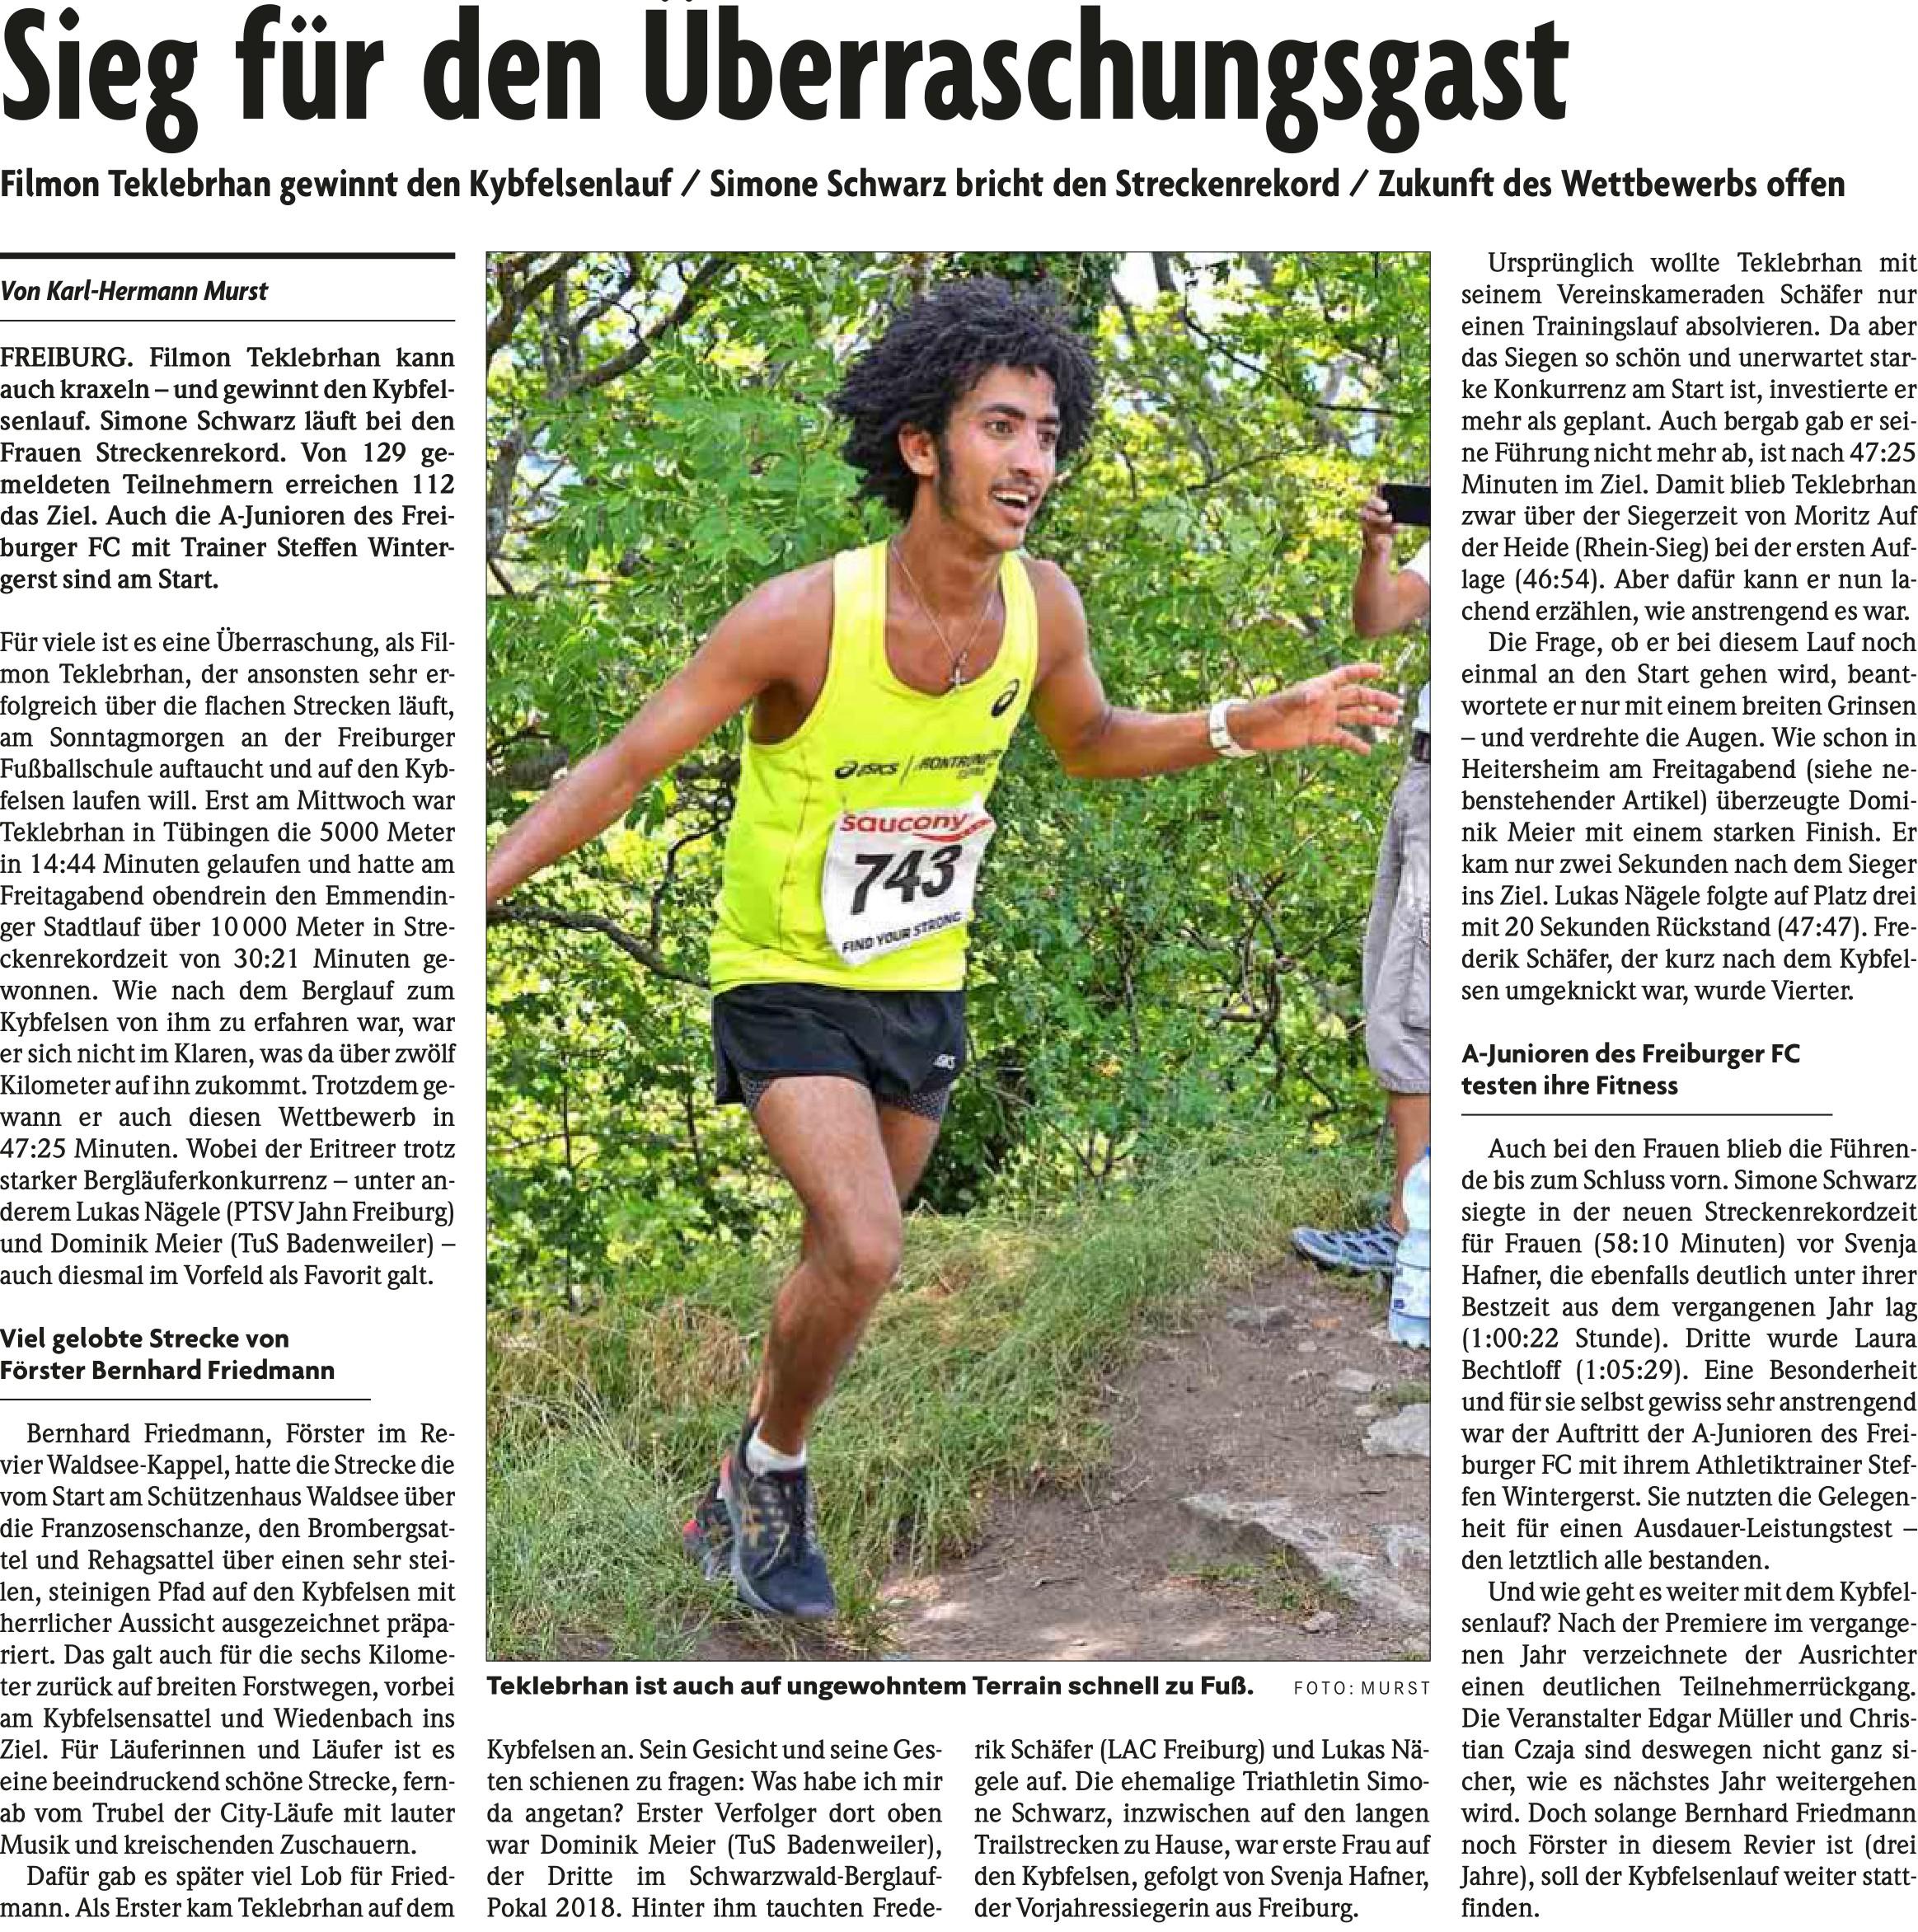 Bericht 2. Kybfelsenlauf 2019